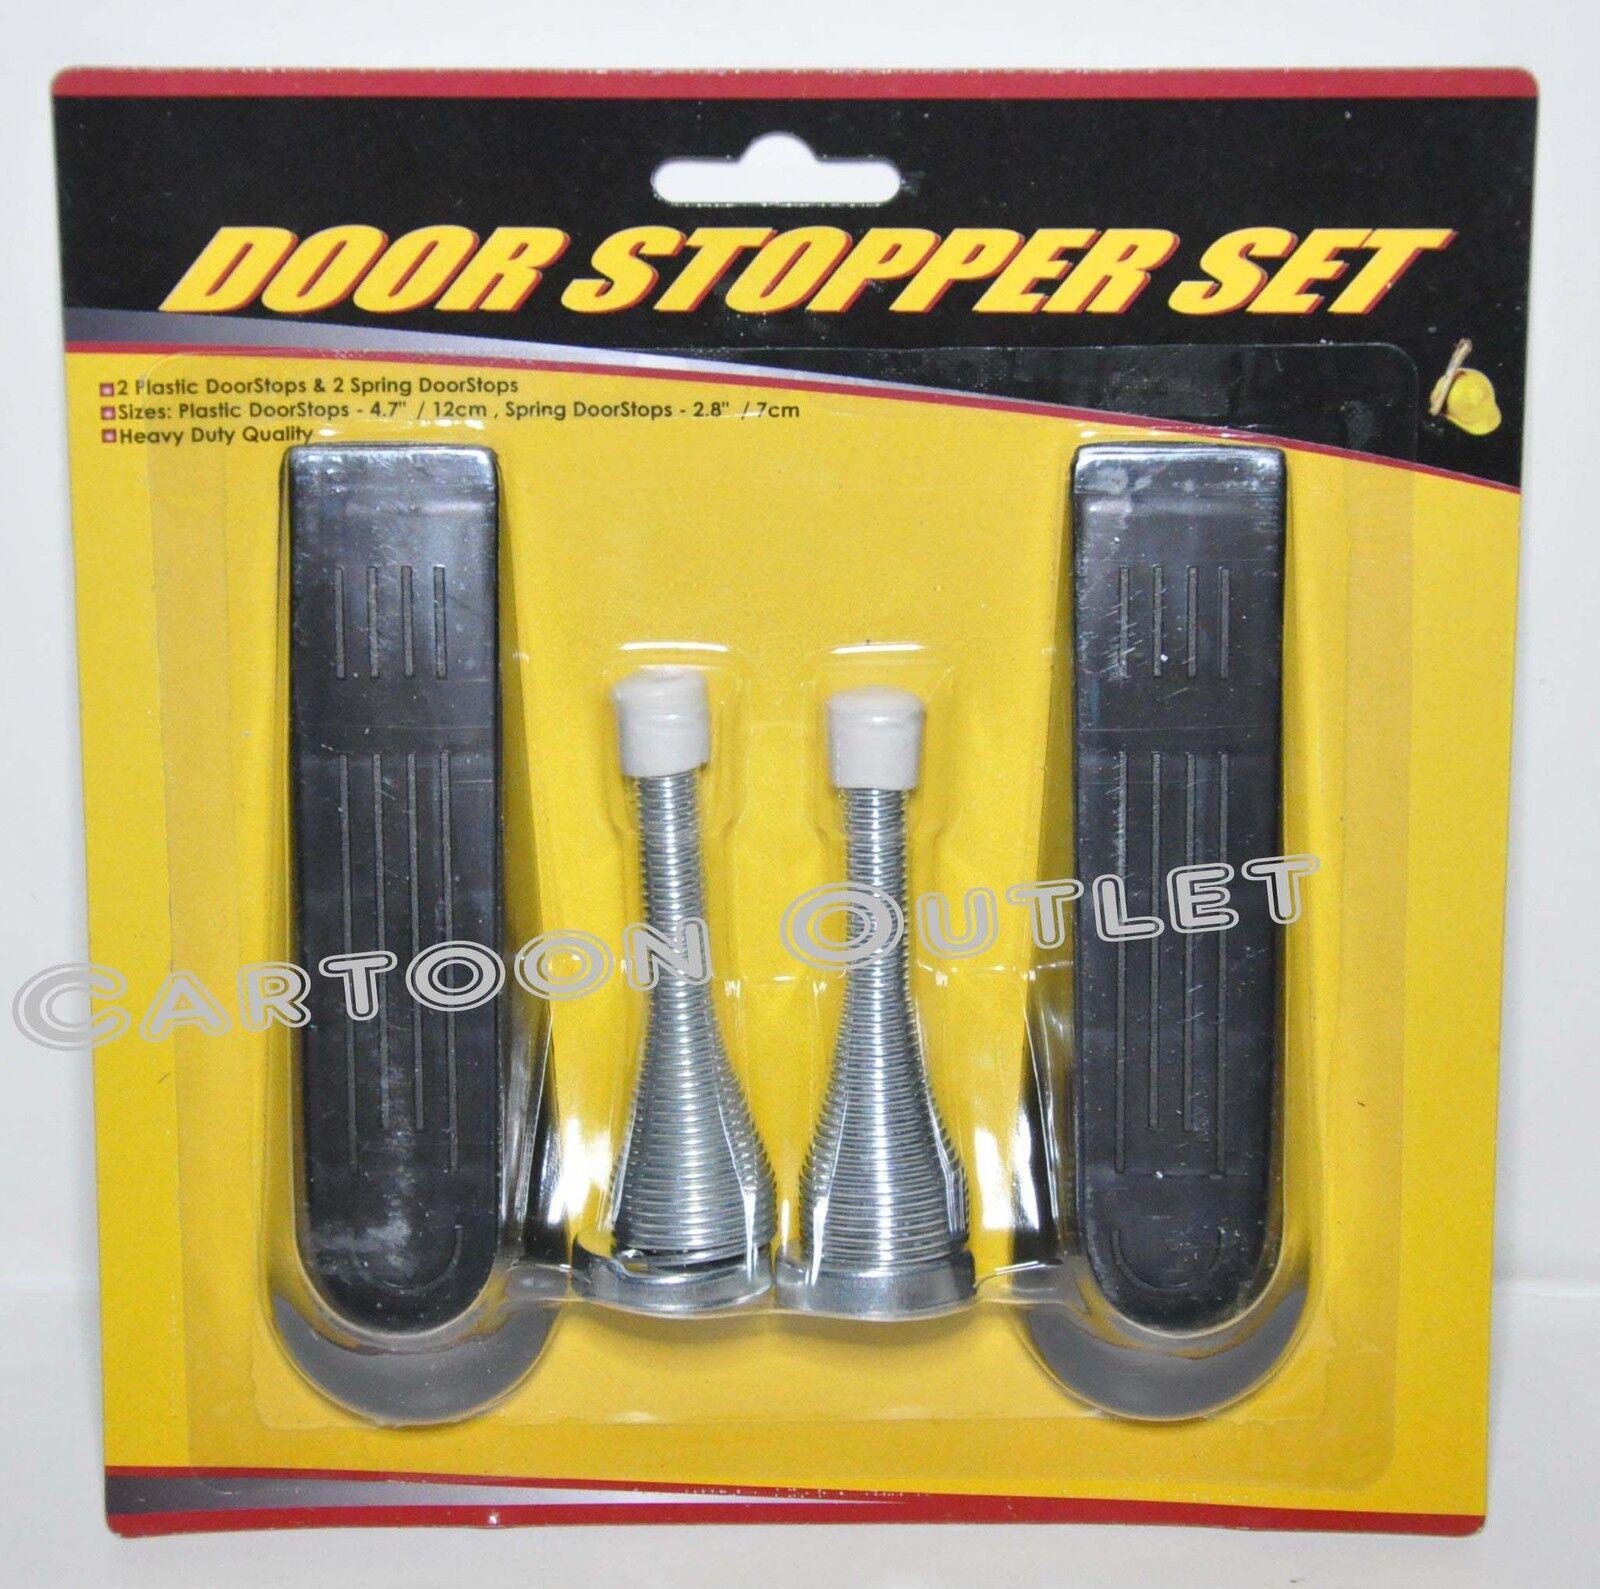 5 Pcs Door Stopper Wedge Plastic Stop Doorstop Carpet Floor Wedges White Home